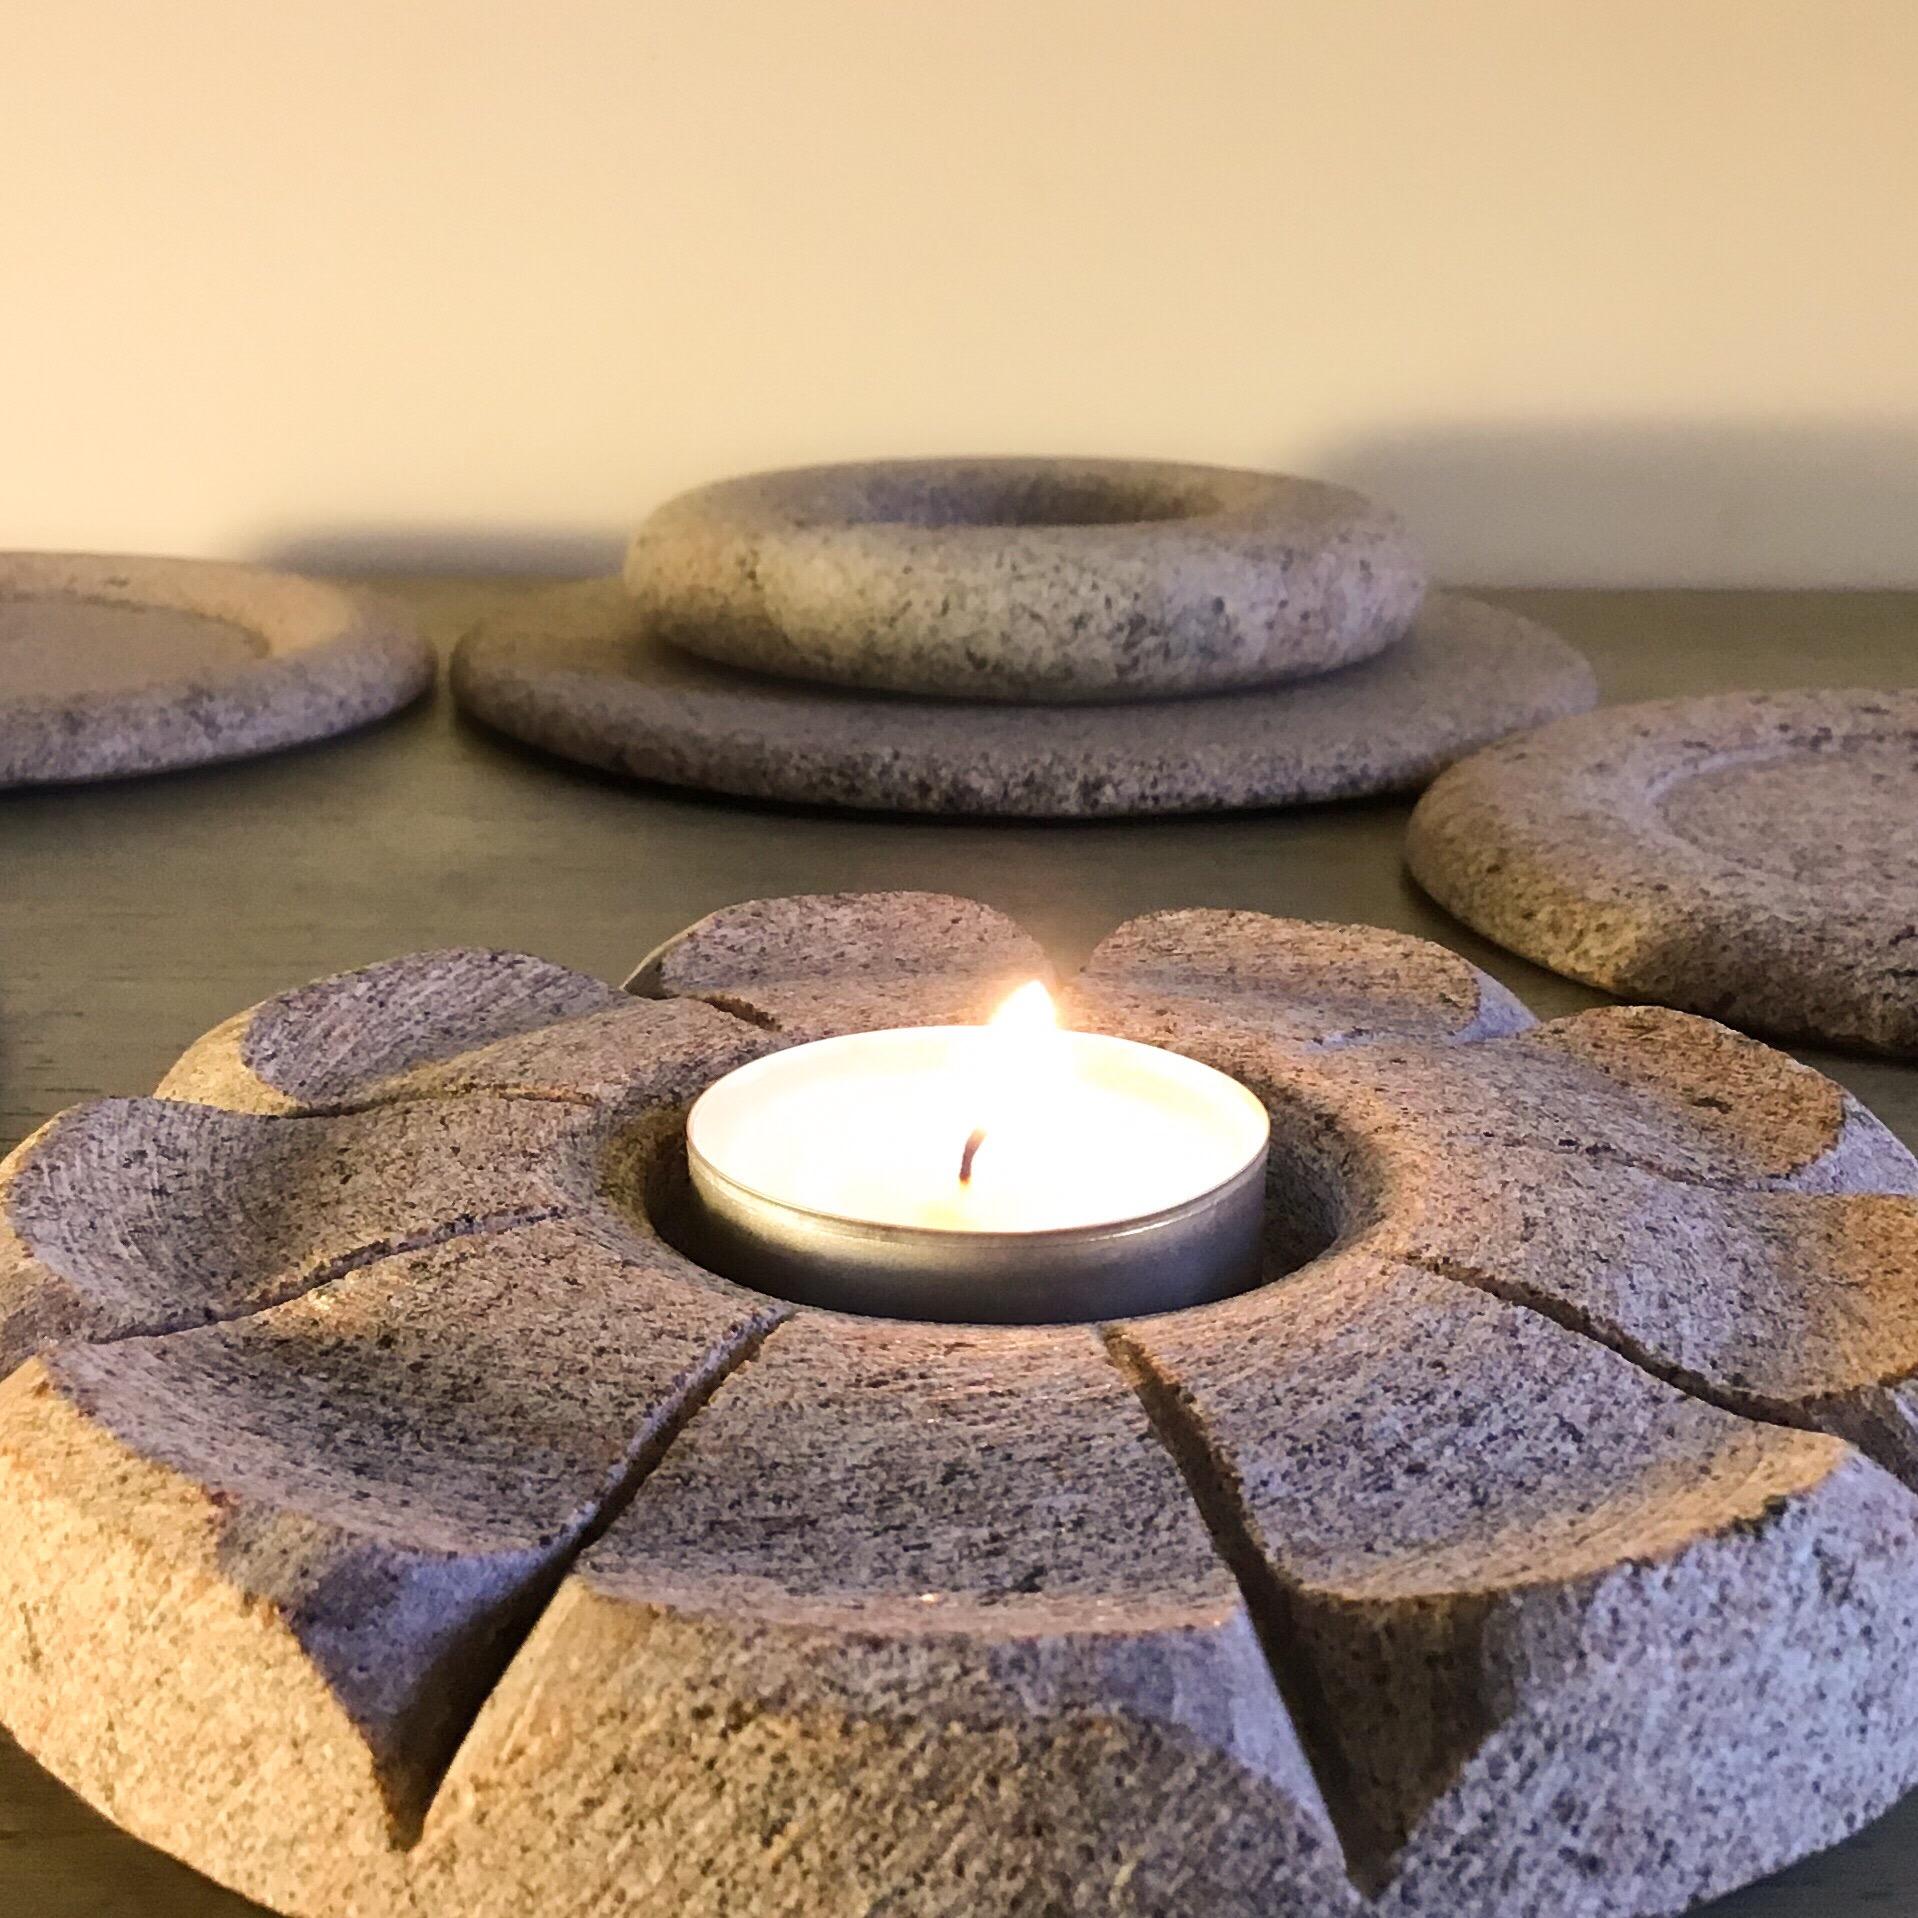 Plastiskā ziedlapiņu forma, dod īpašu gaismas spēli tumsas apgaismojumā, kad sveces gaisma izgaismo pašu svečturi.